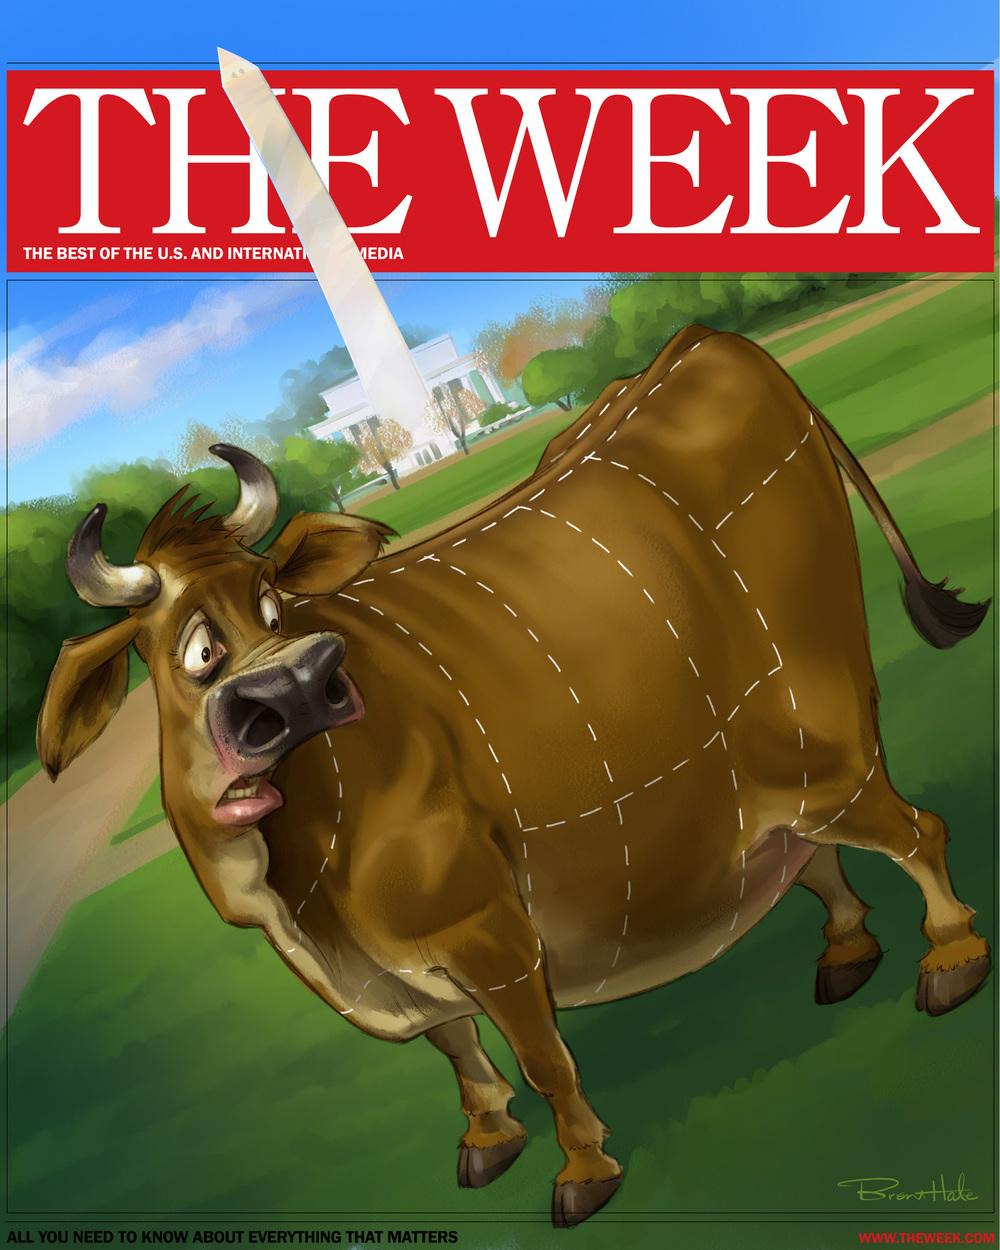 Cow illus Week.jpg